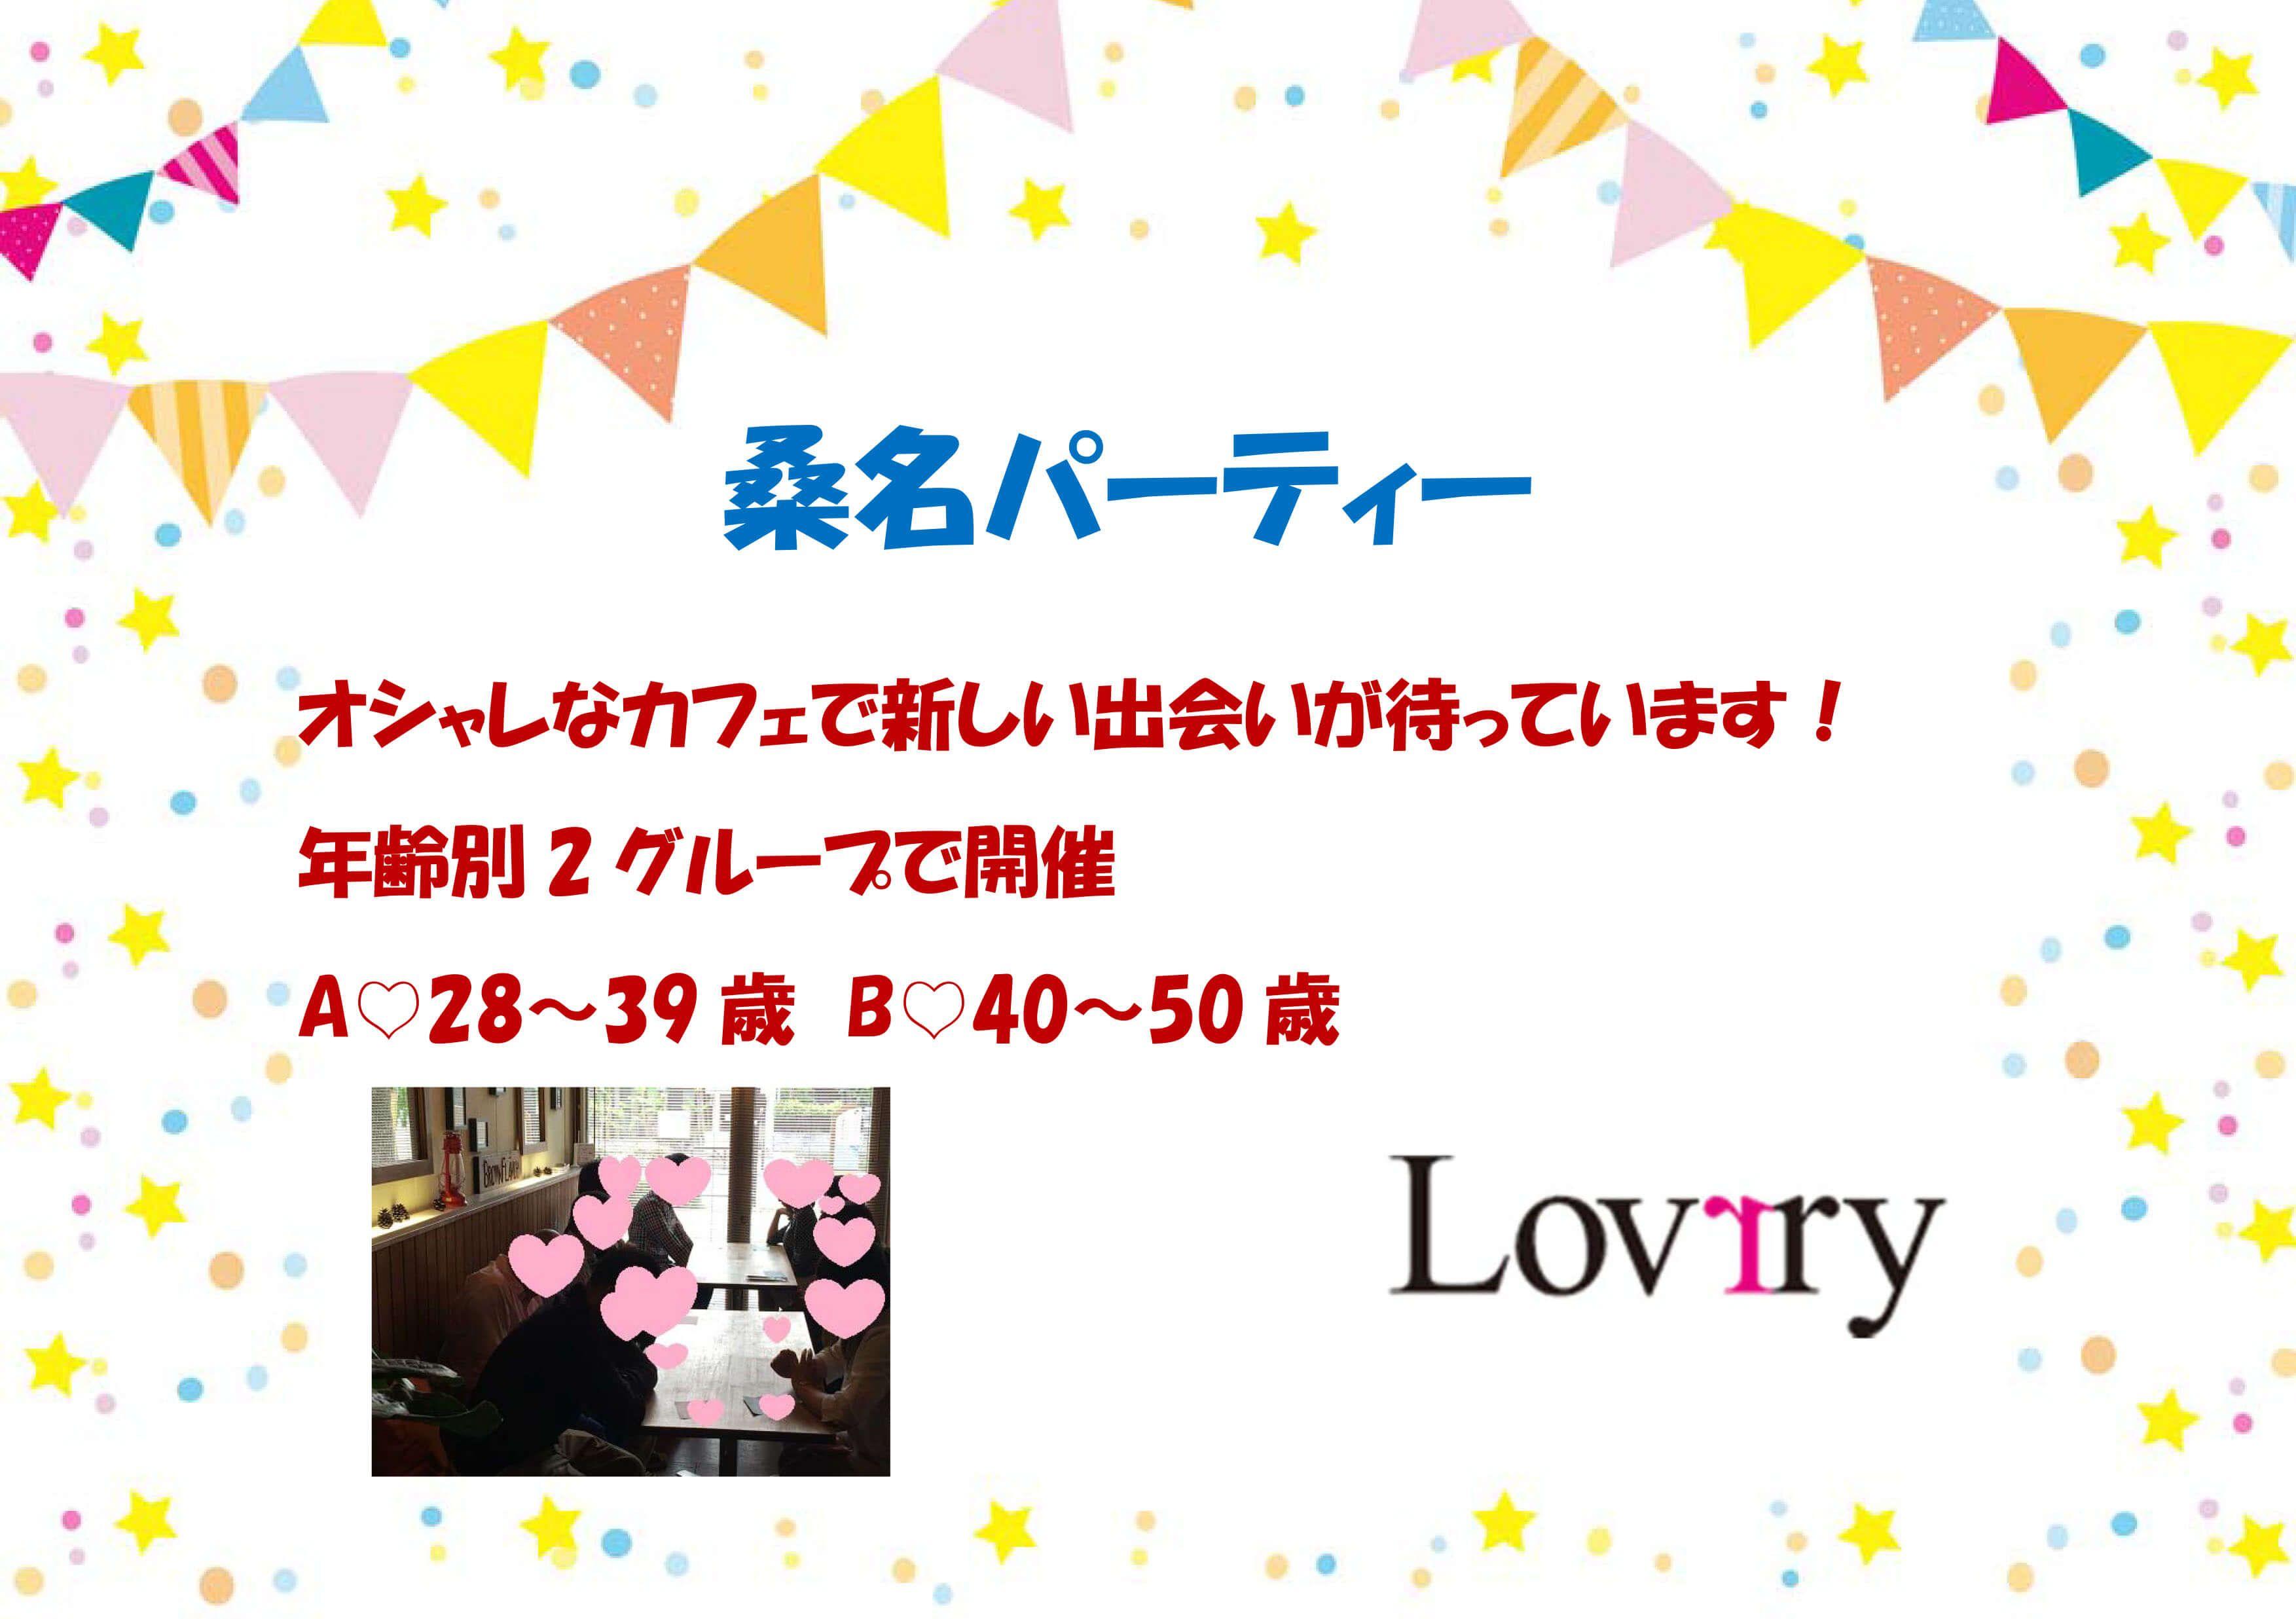 2/12【28~39歳】桑名!人気のお店で素敵な出会い!!参加費リーズナブル